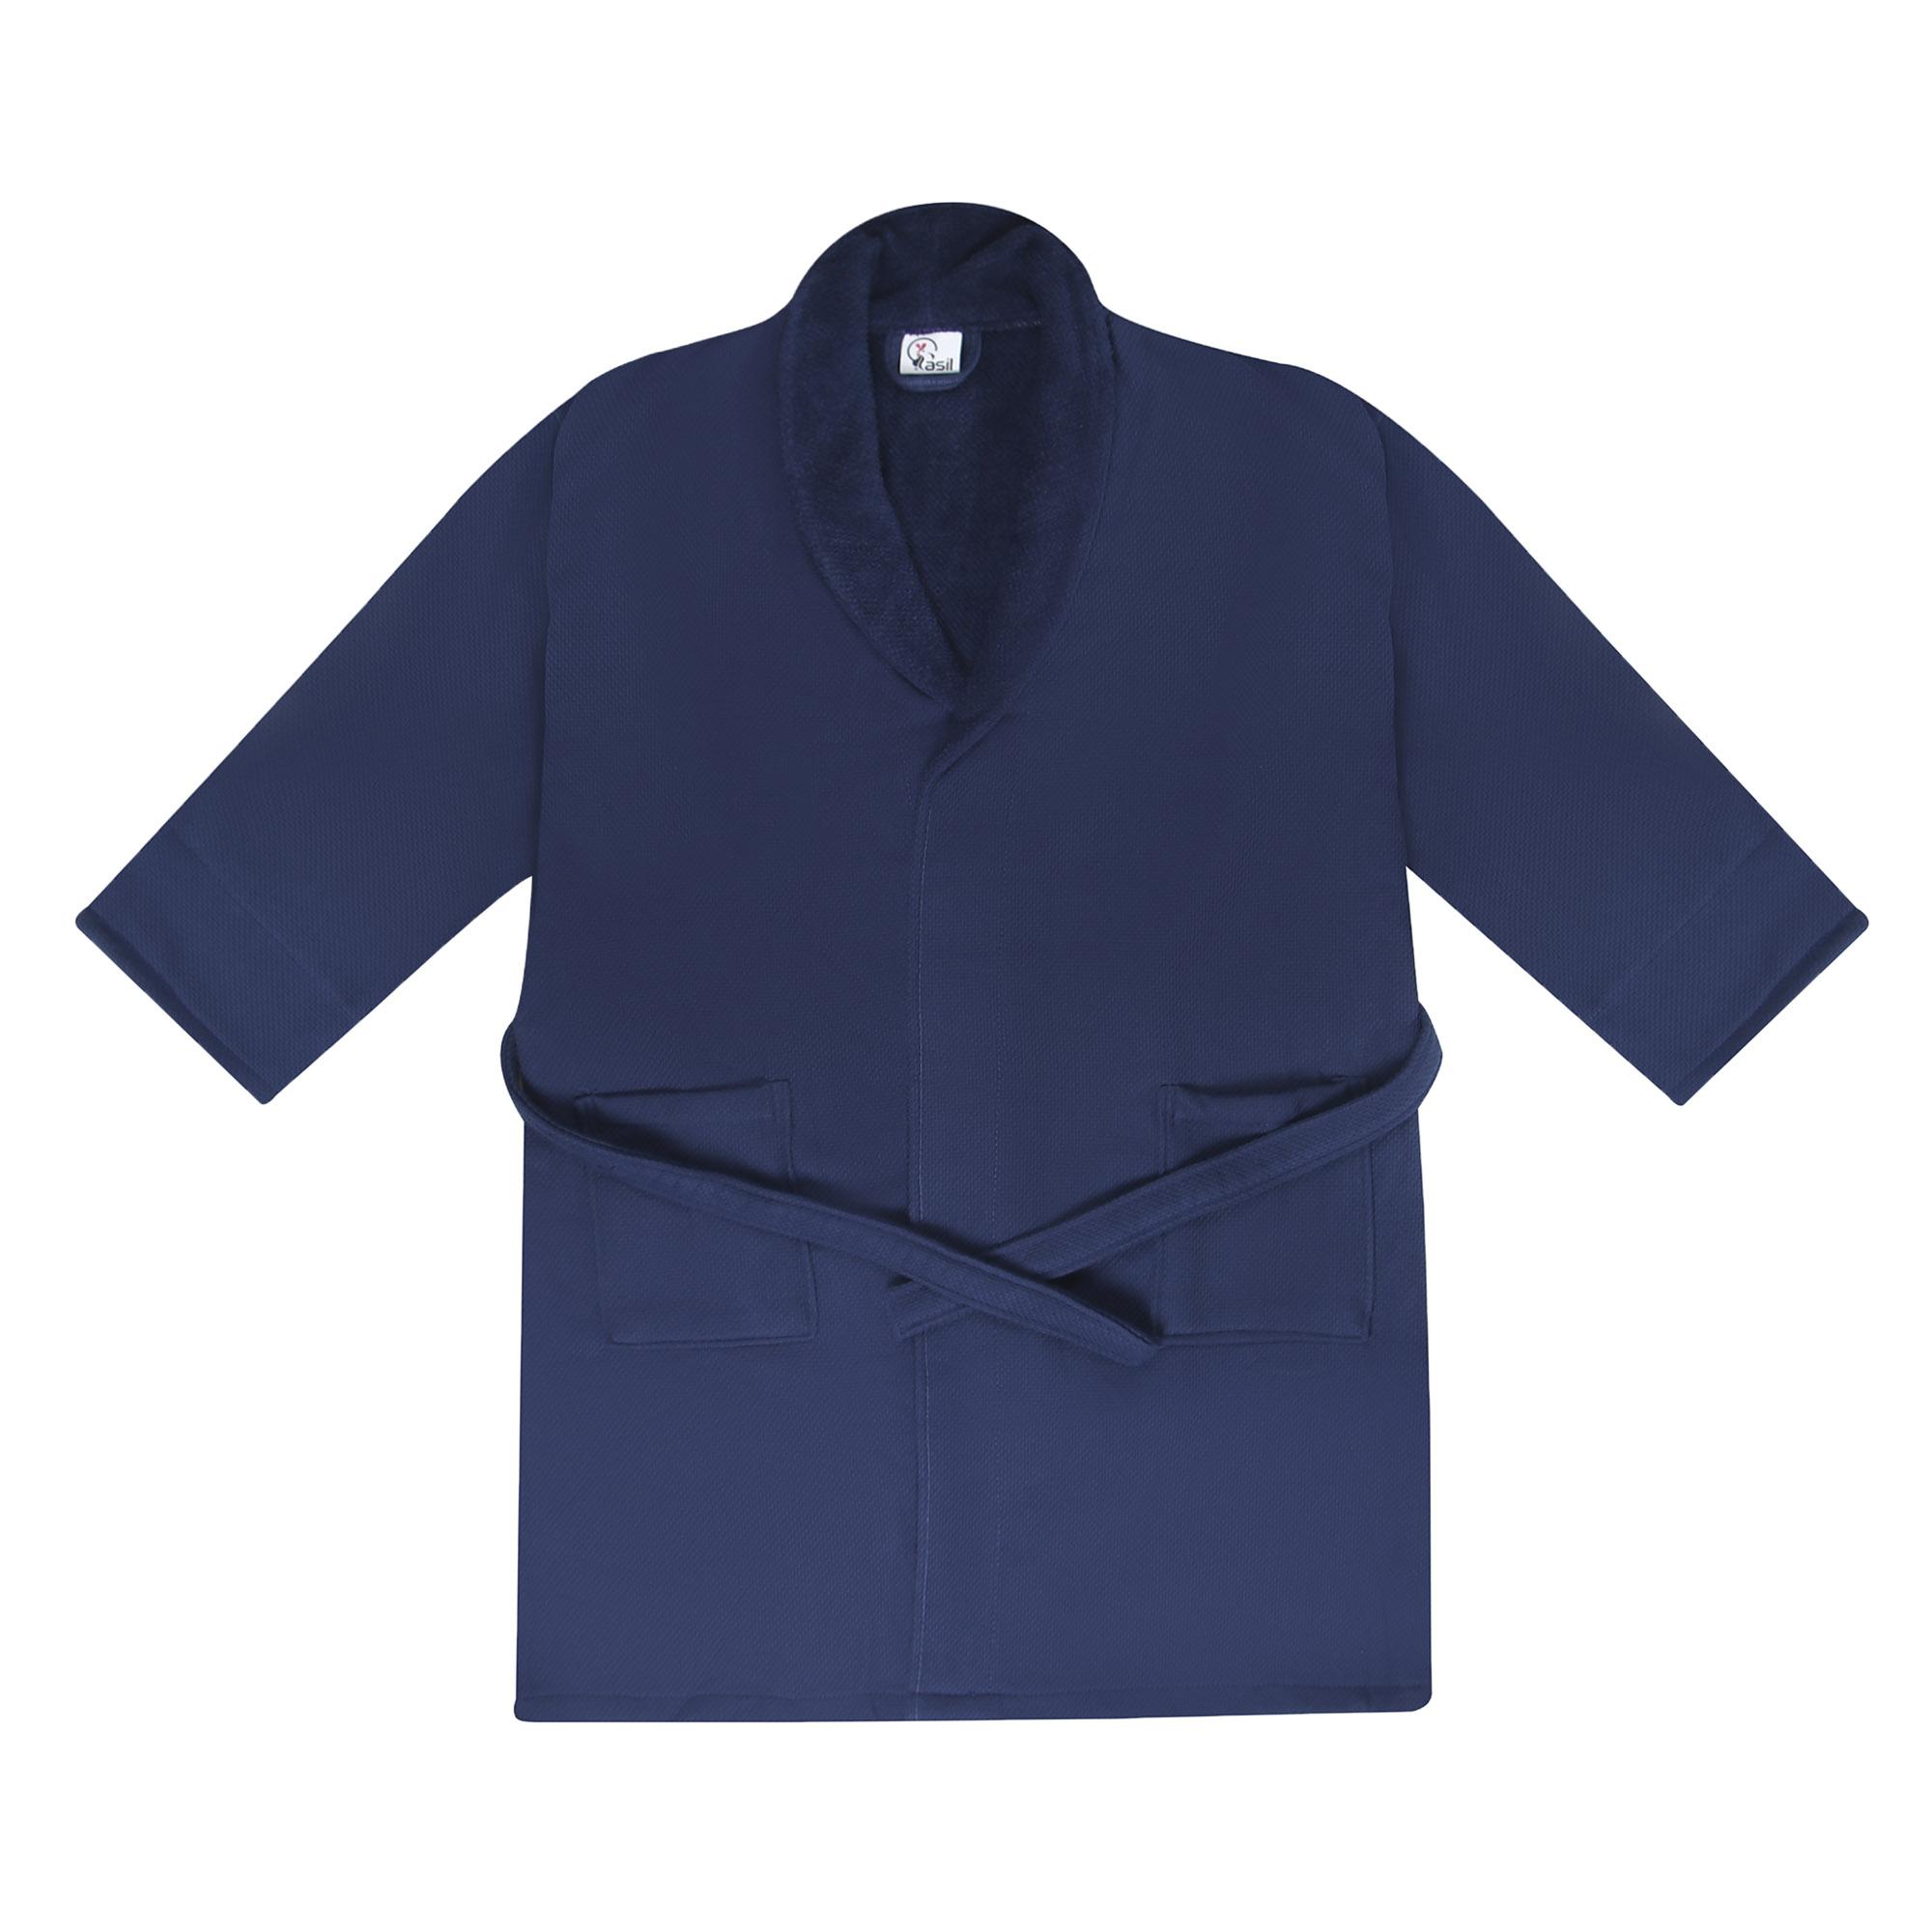 Фото - Халат махровый Asil двухсторонний M темно-синий халат махровый asil двухсторонний xxl темно синий